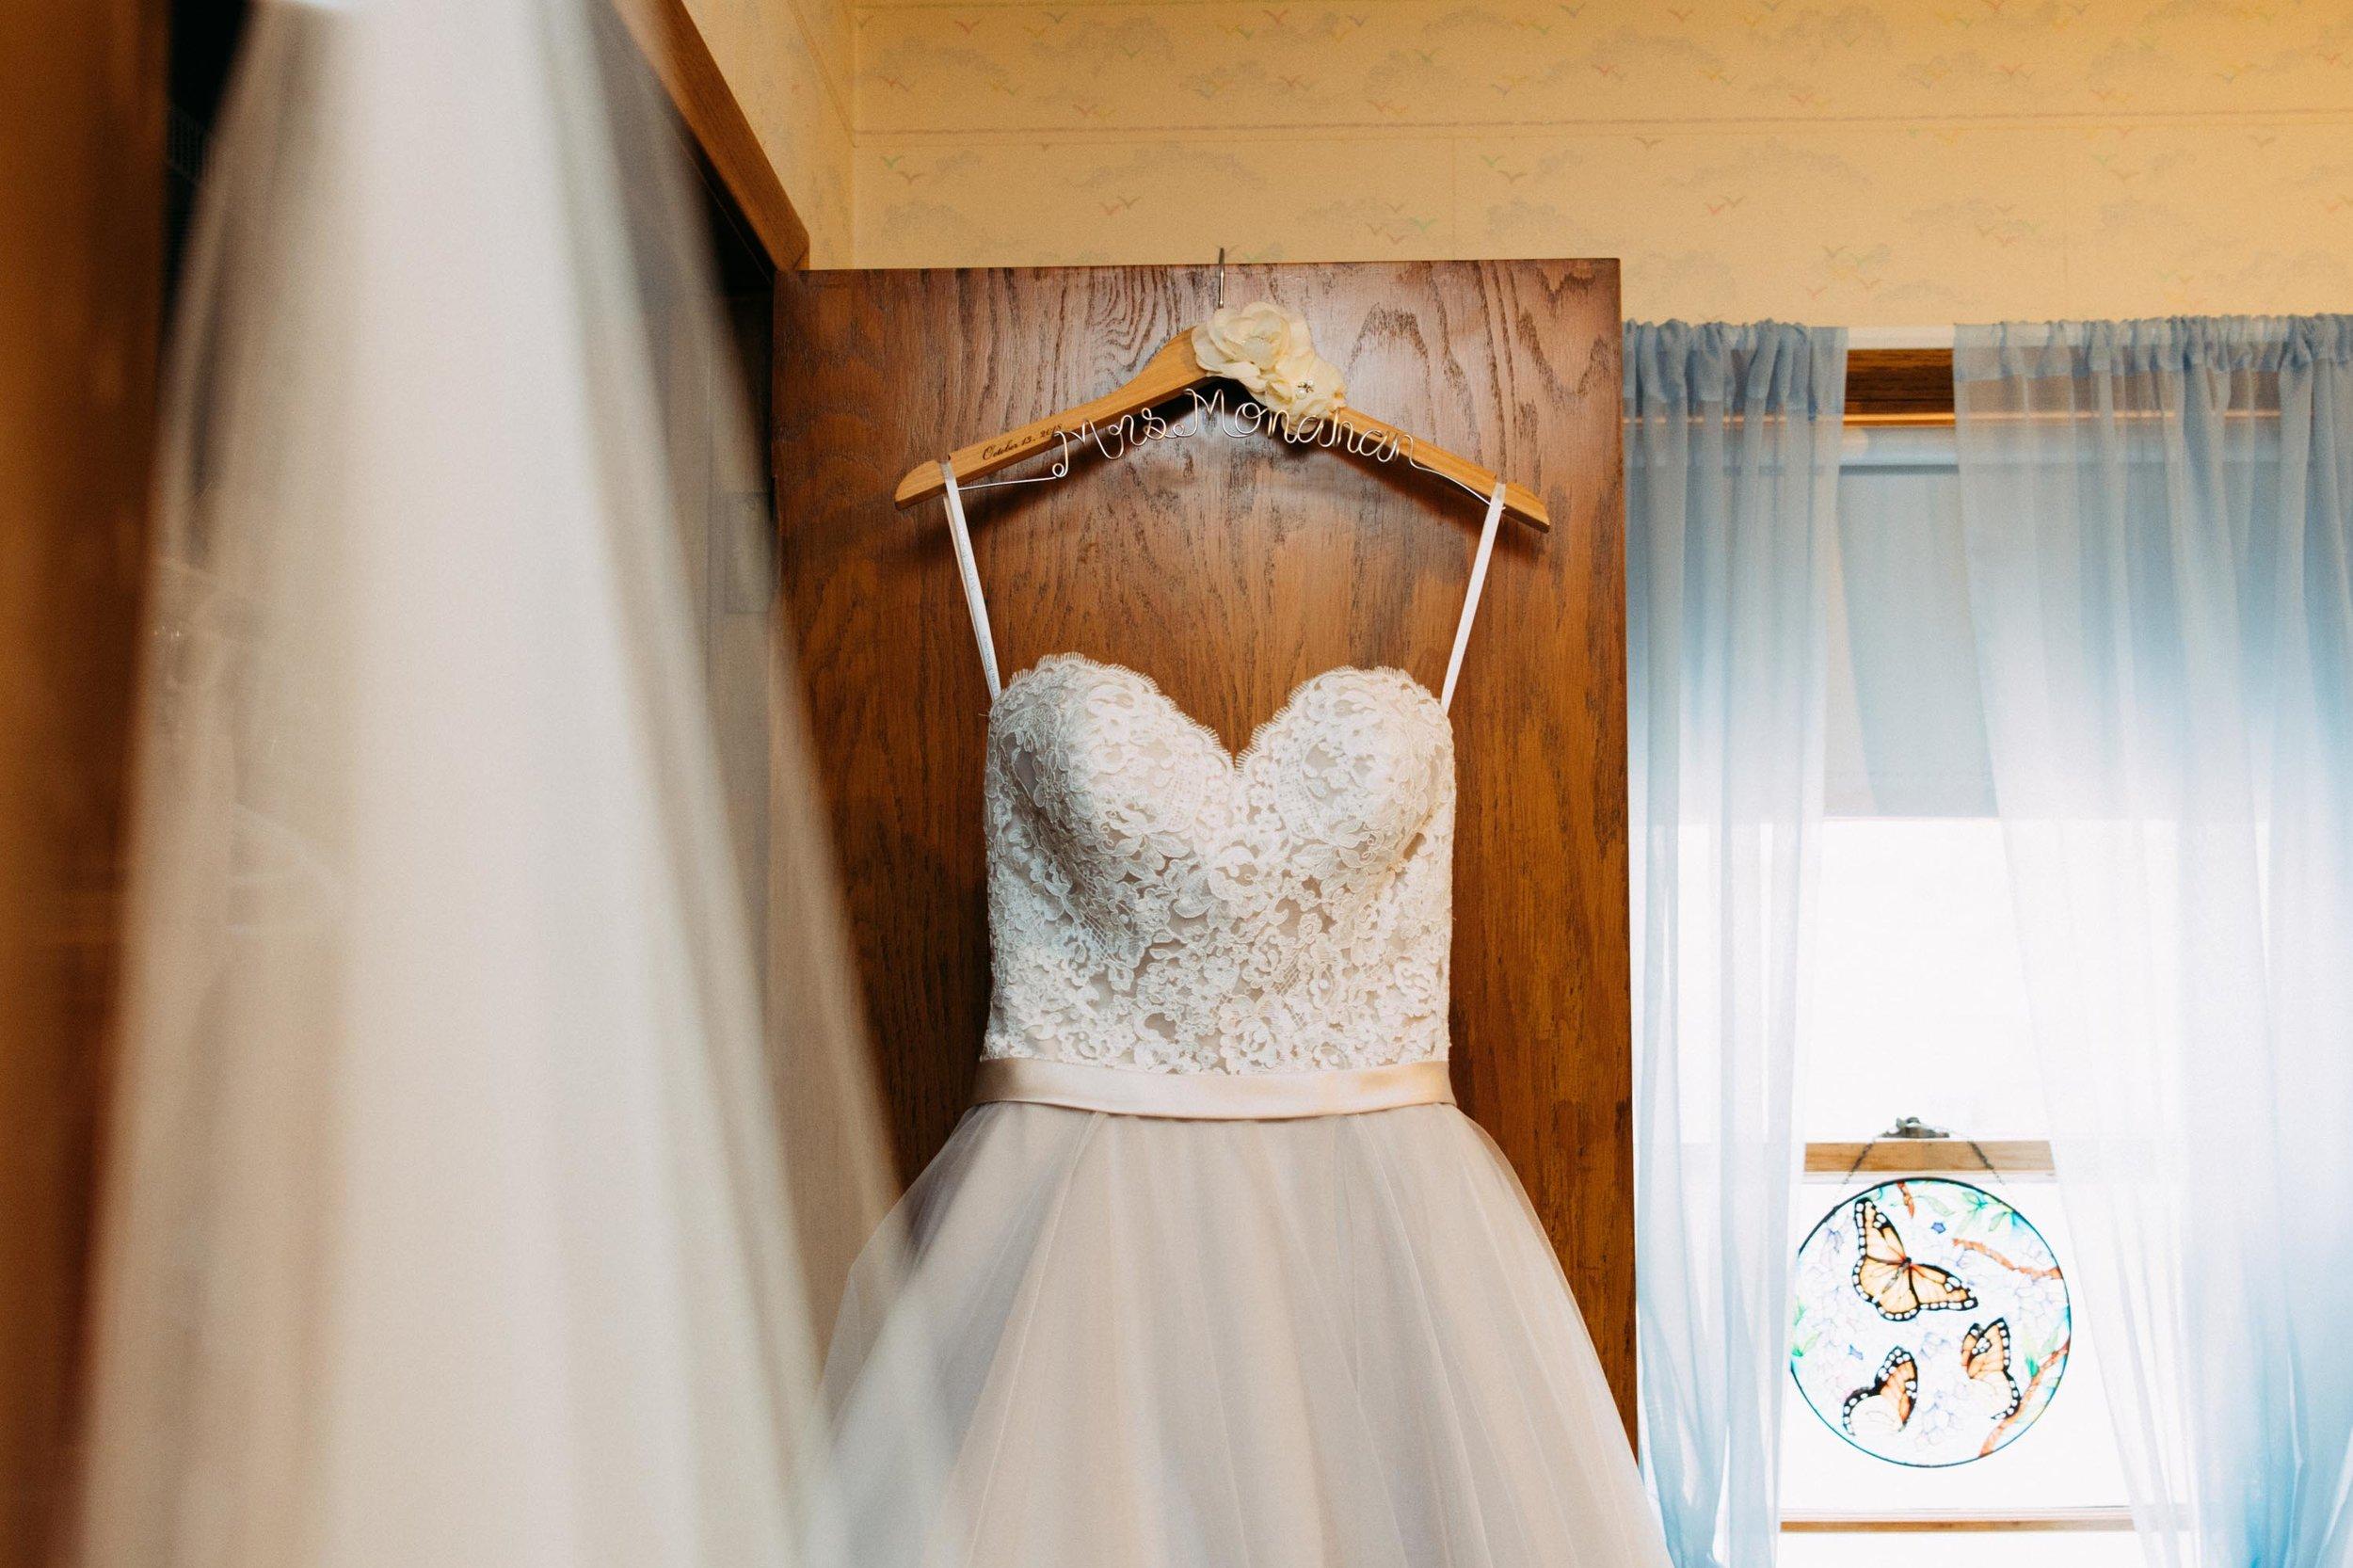 1-Sara_Tom_Getting_Ready_Wedding.jpg